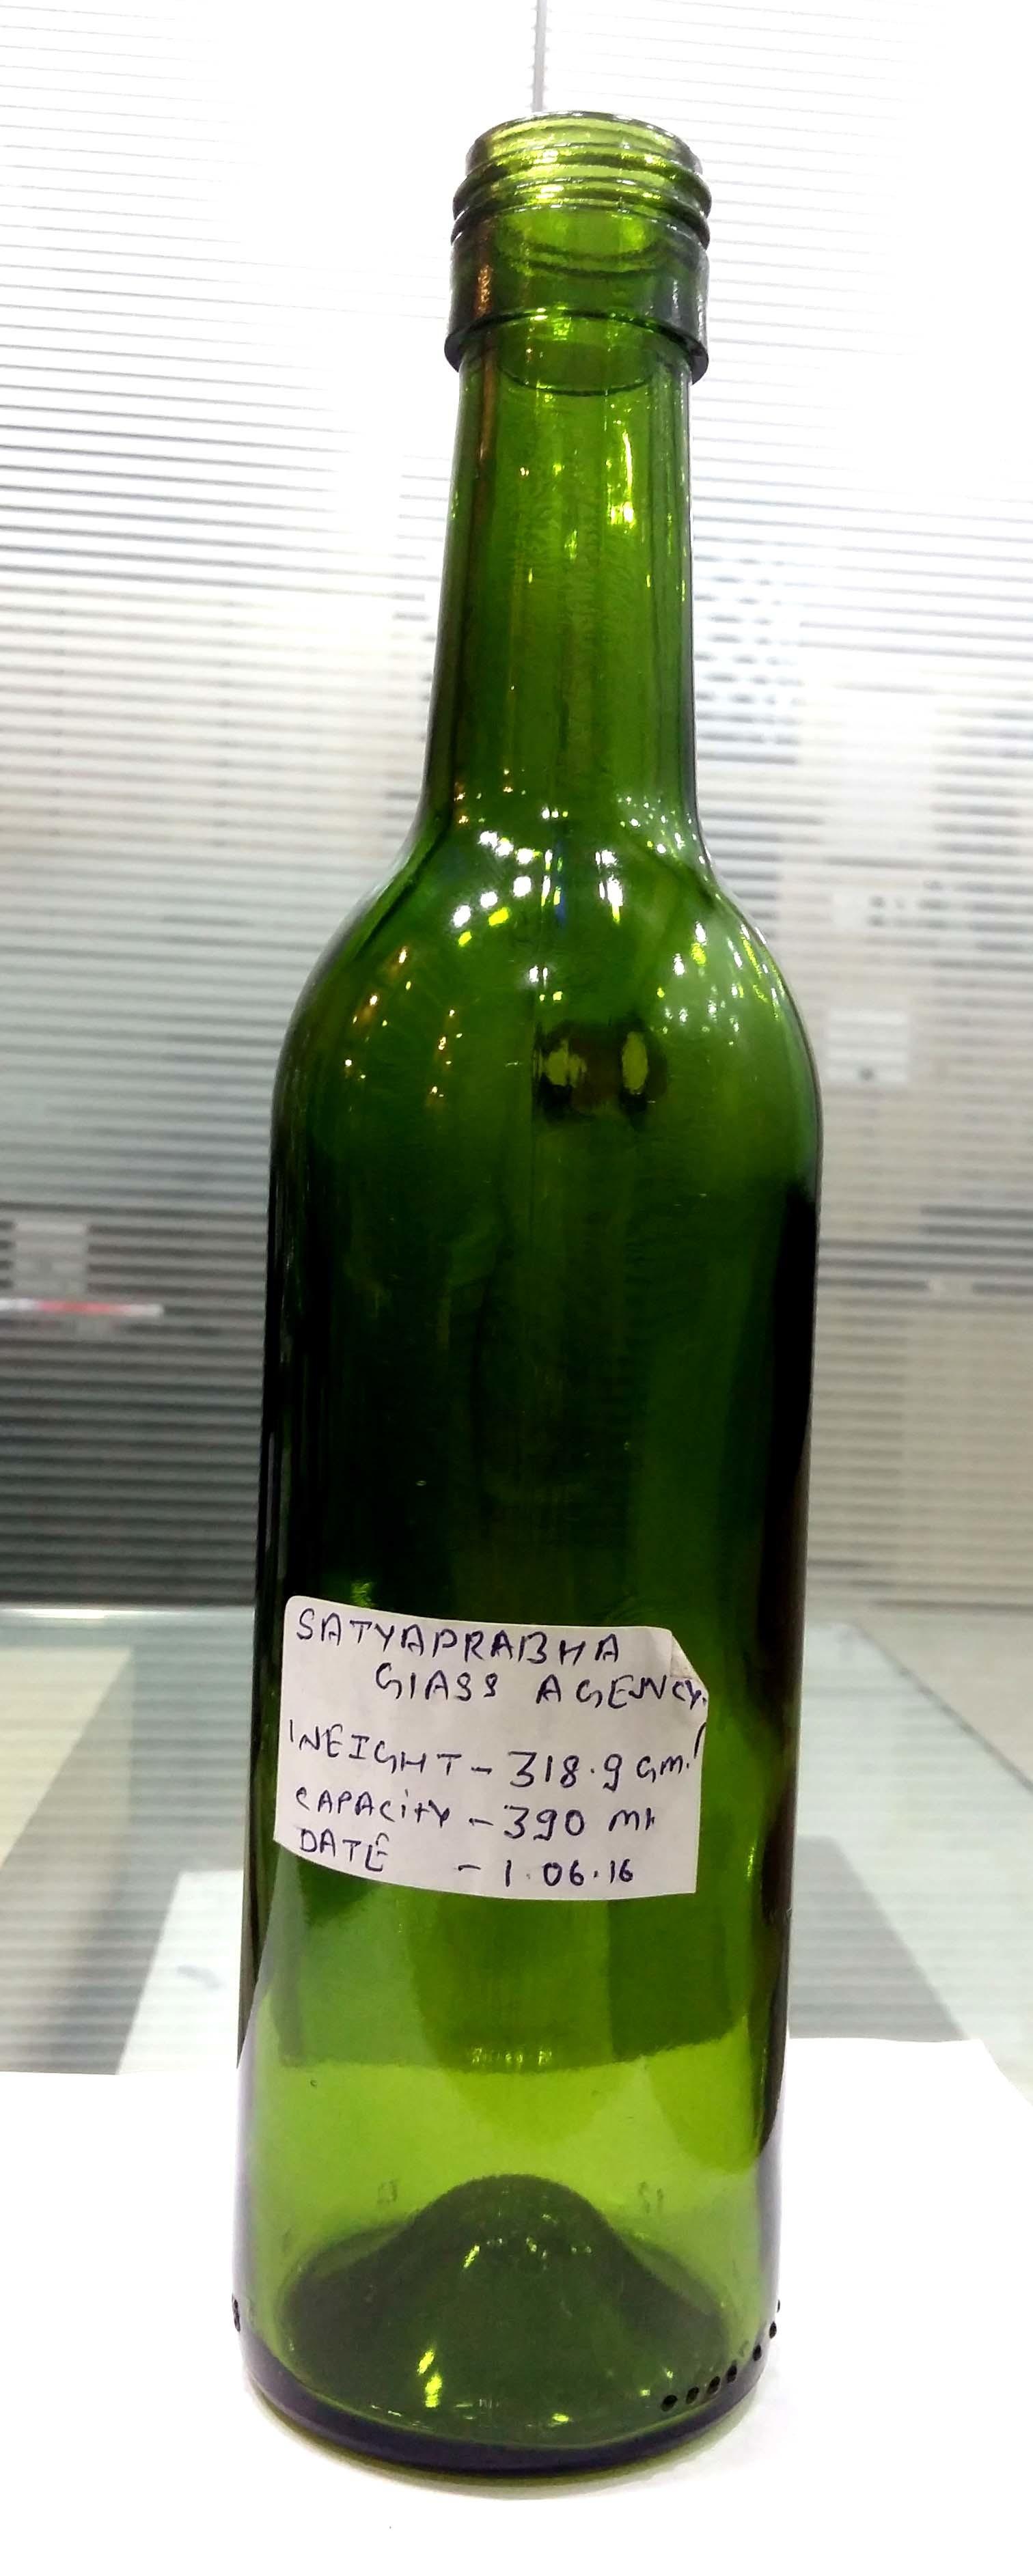 400 ml Liquor Bottles